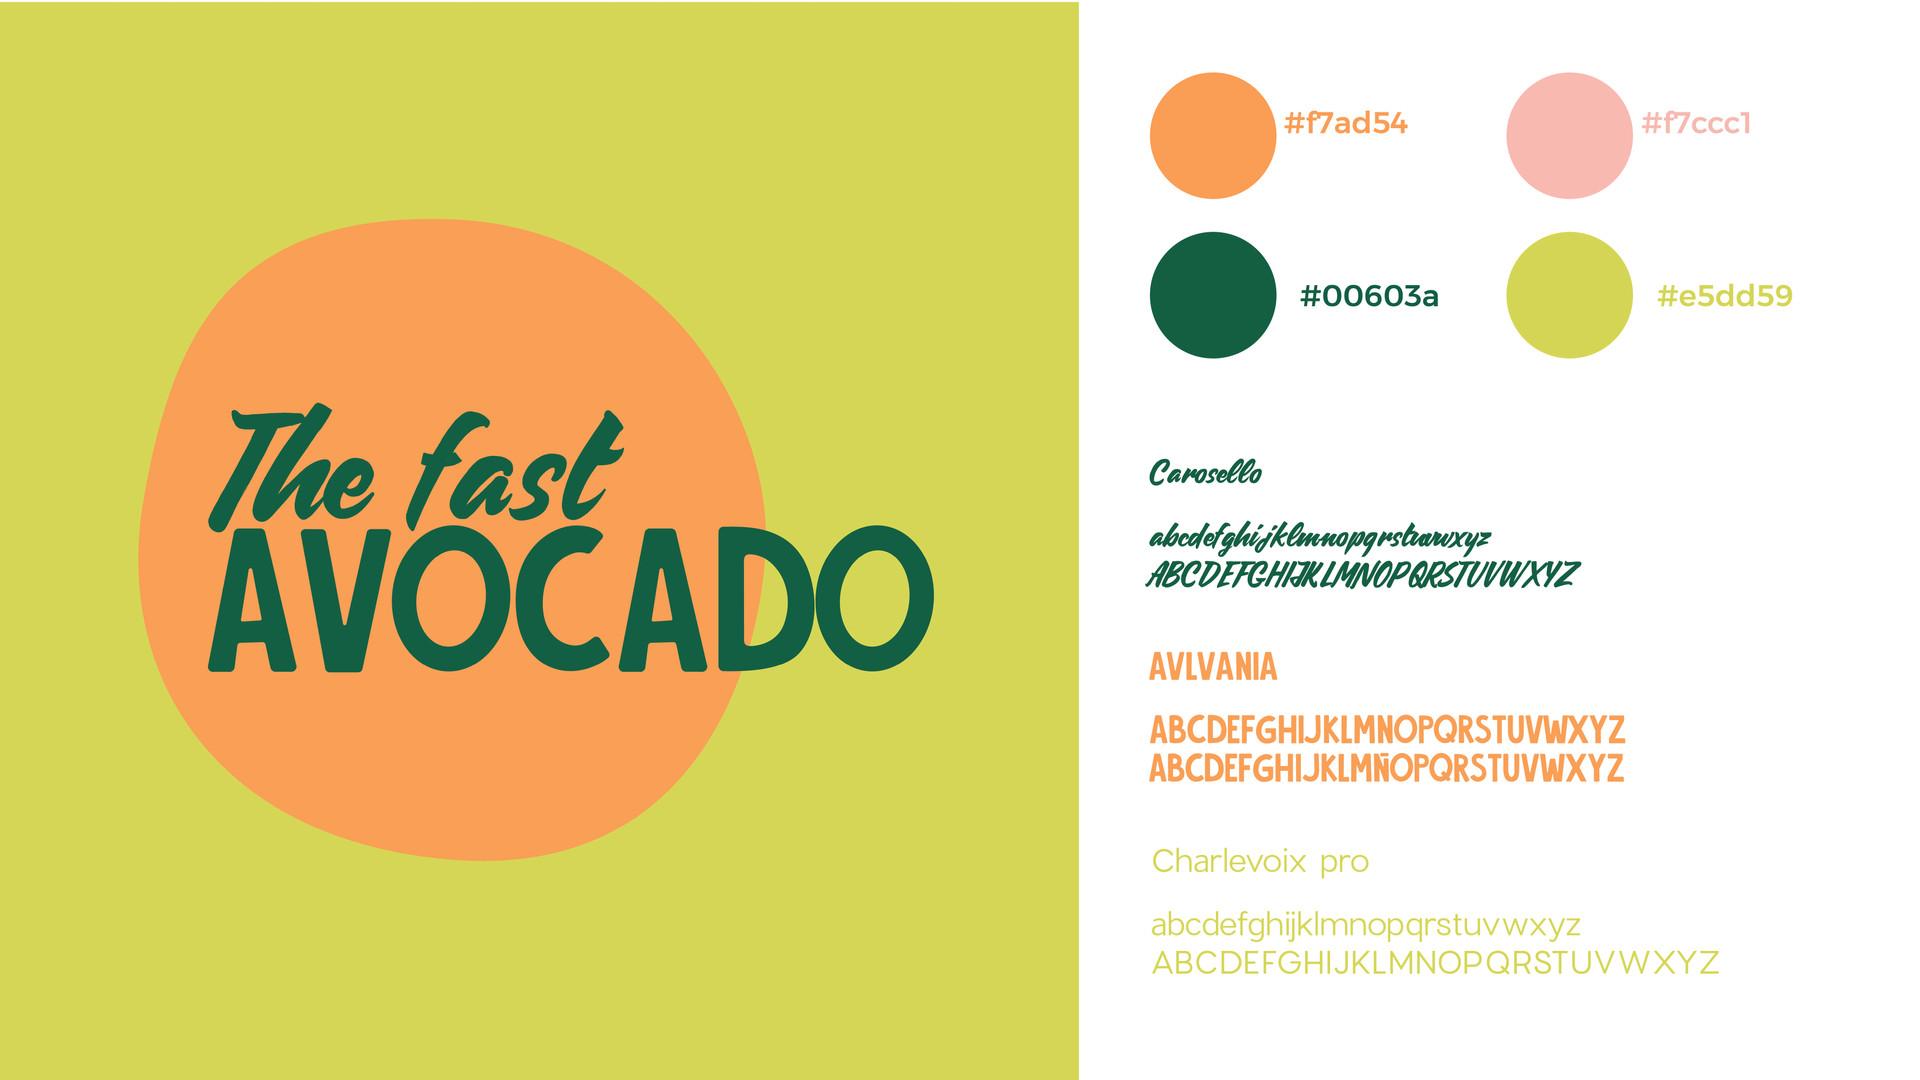 Logo The fast avocado